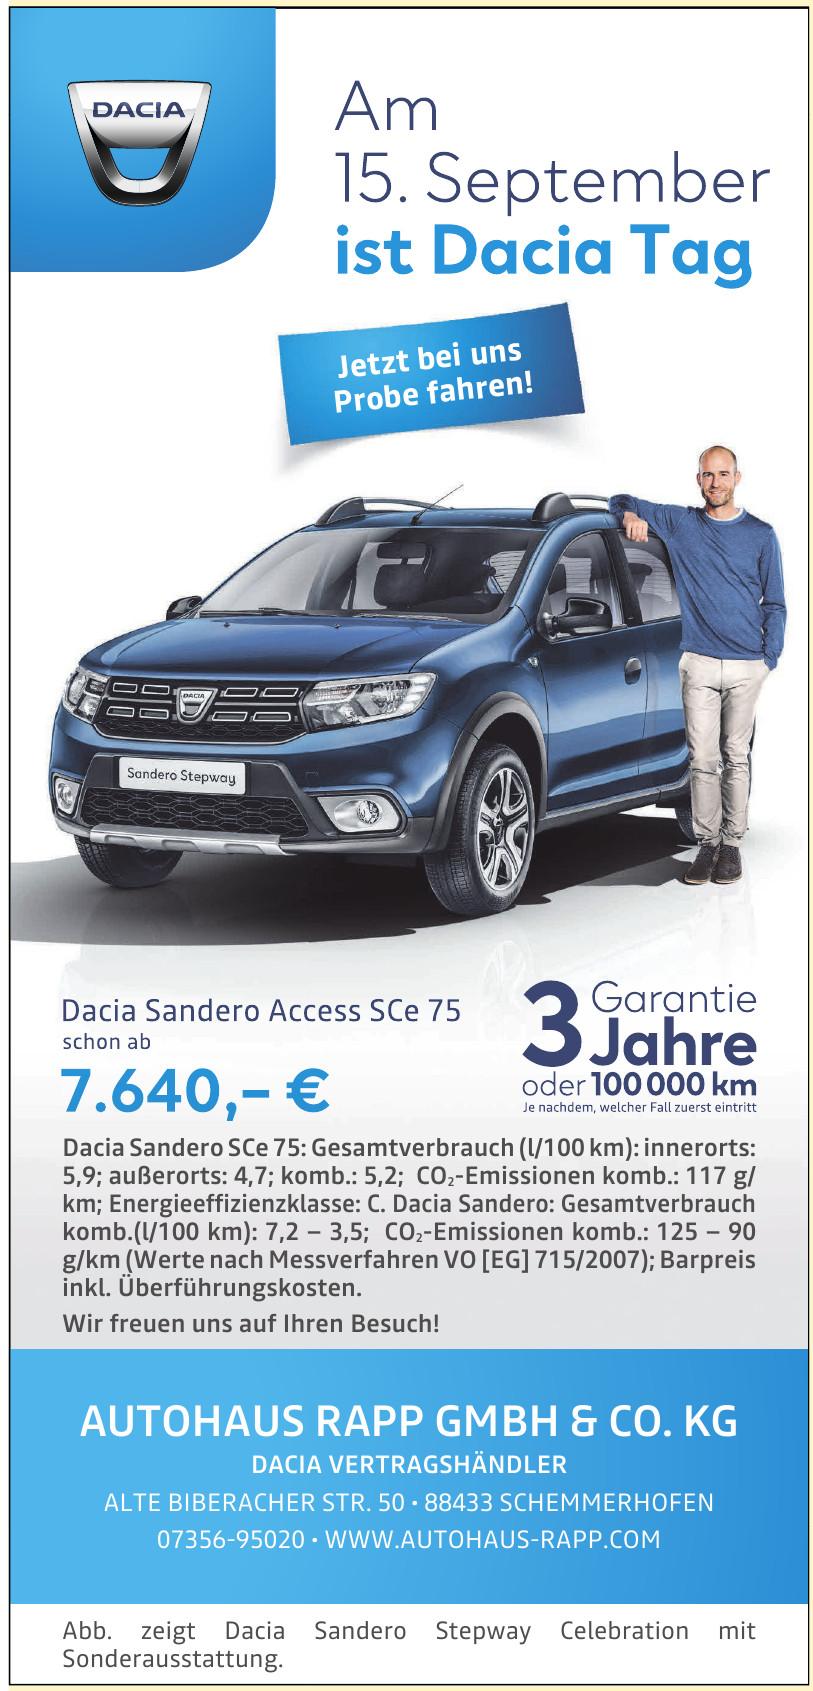 Autohaus Rapp GmbH & Co. KG